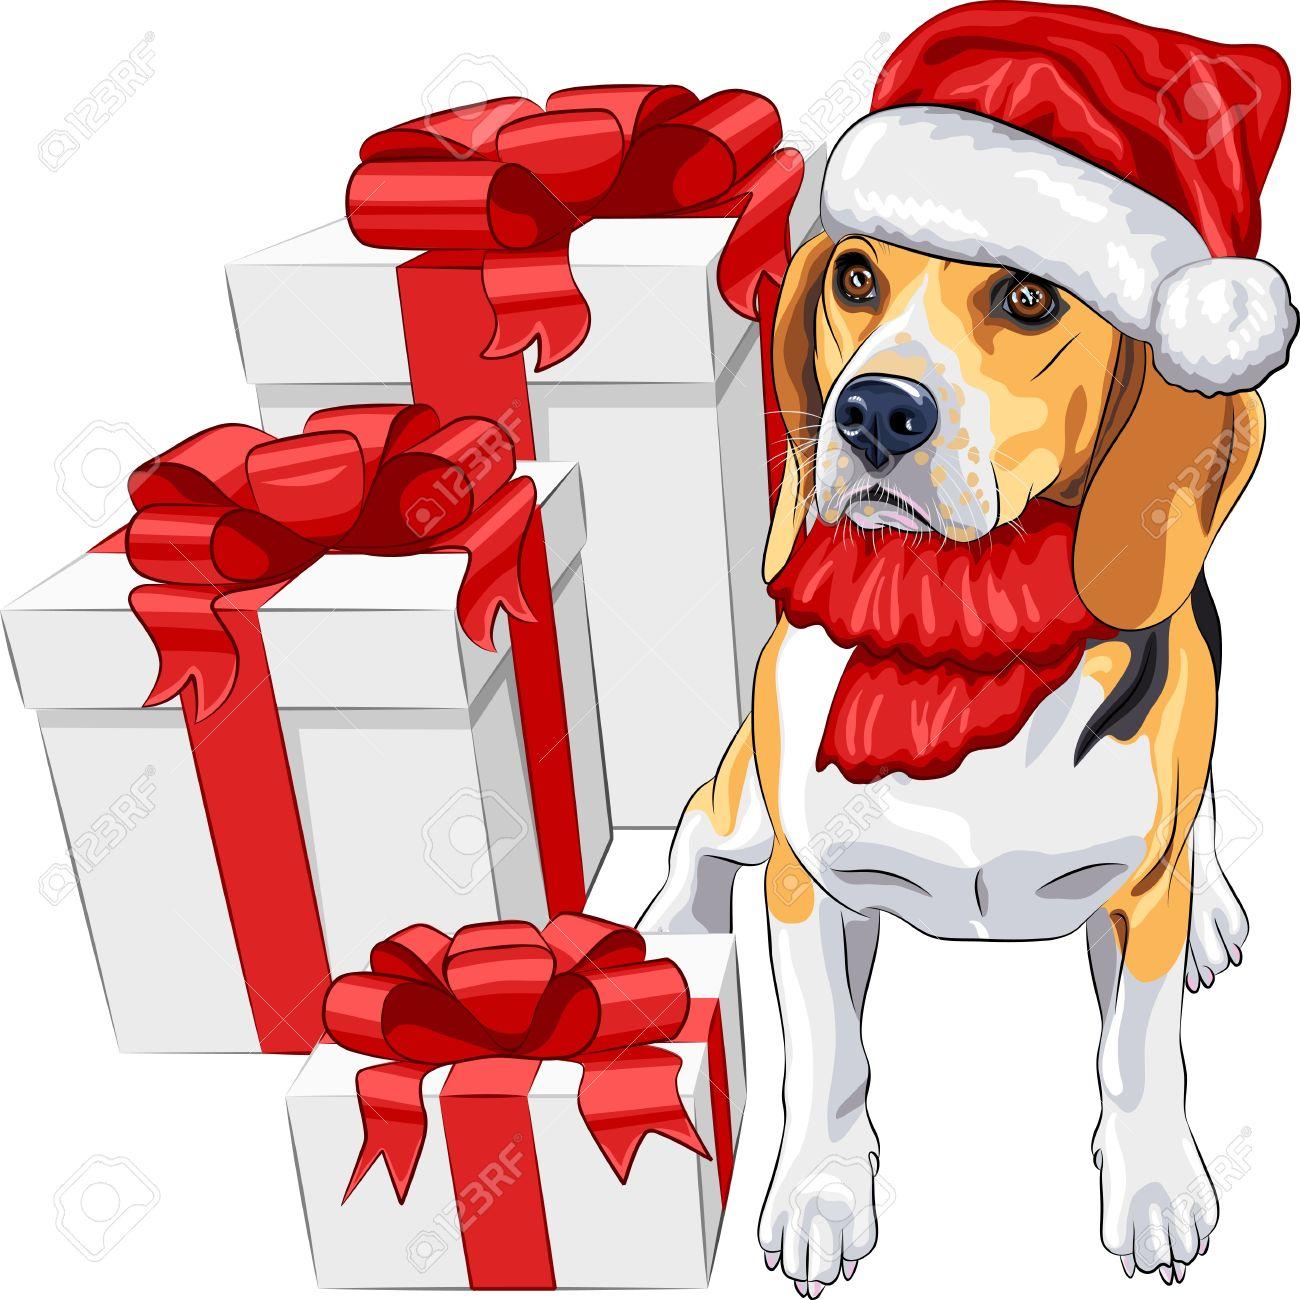 Dibujo De Navidad A Color. Perfect Angel De Colores With Dibujo De ...